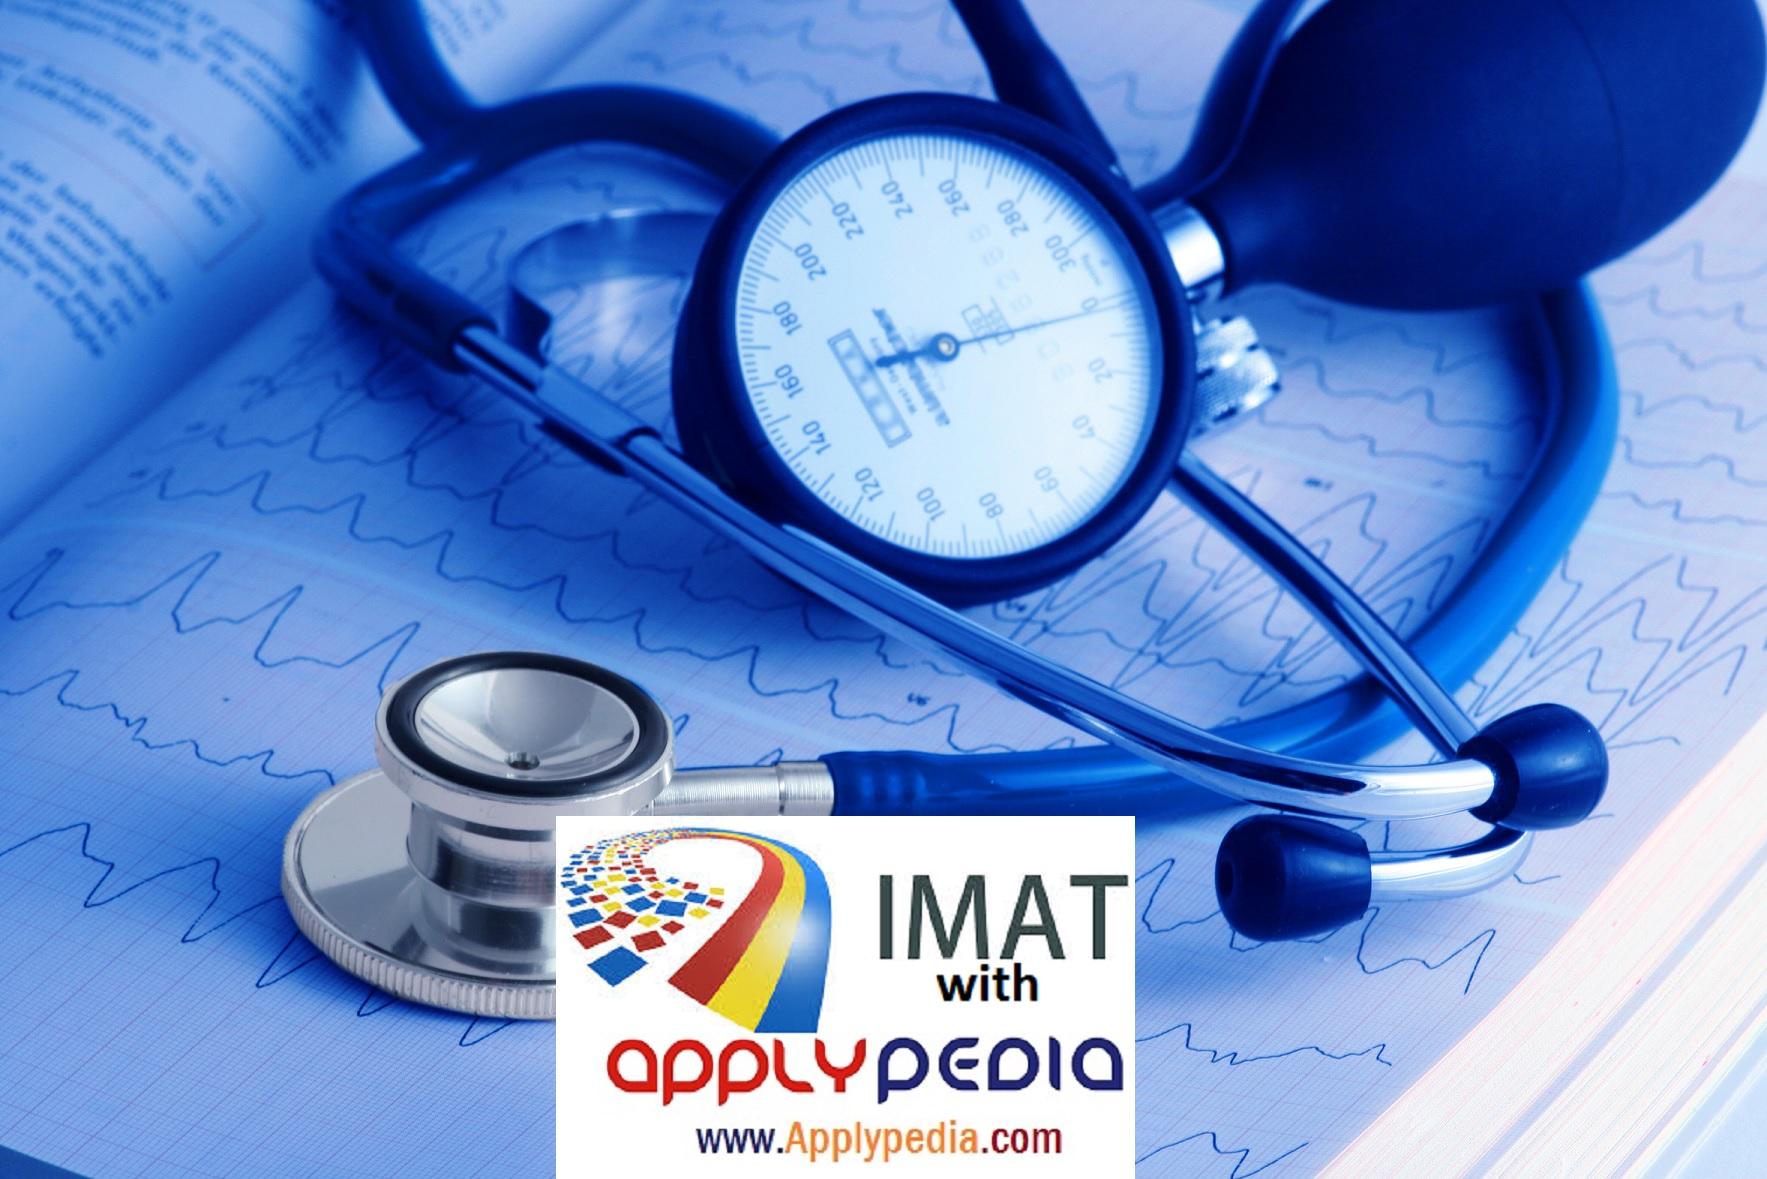 تقویم آموزشی دانشگاه های پزشکی ایتالیا و آزمون IMAT در سال ۲۰۱۸